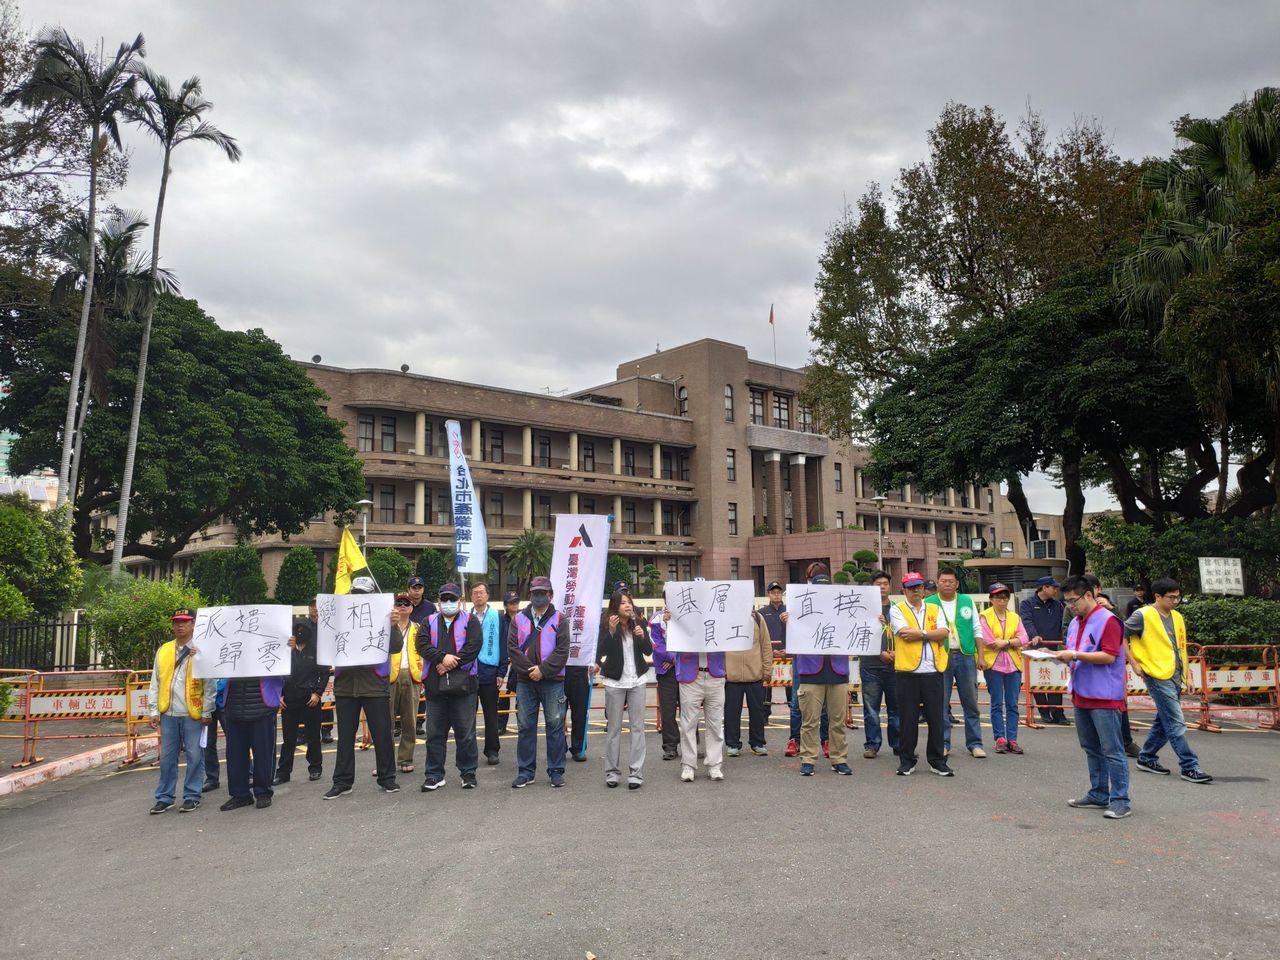 台灣勞動派遣產業工會今赴行政院前抗議,指台電200多名派遣工程師,若不接受公開招...